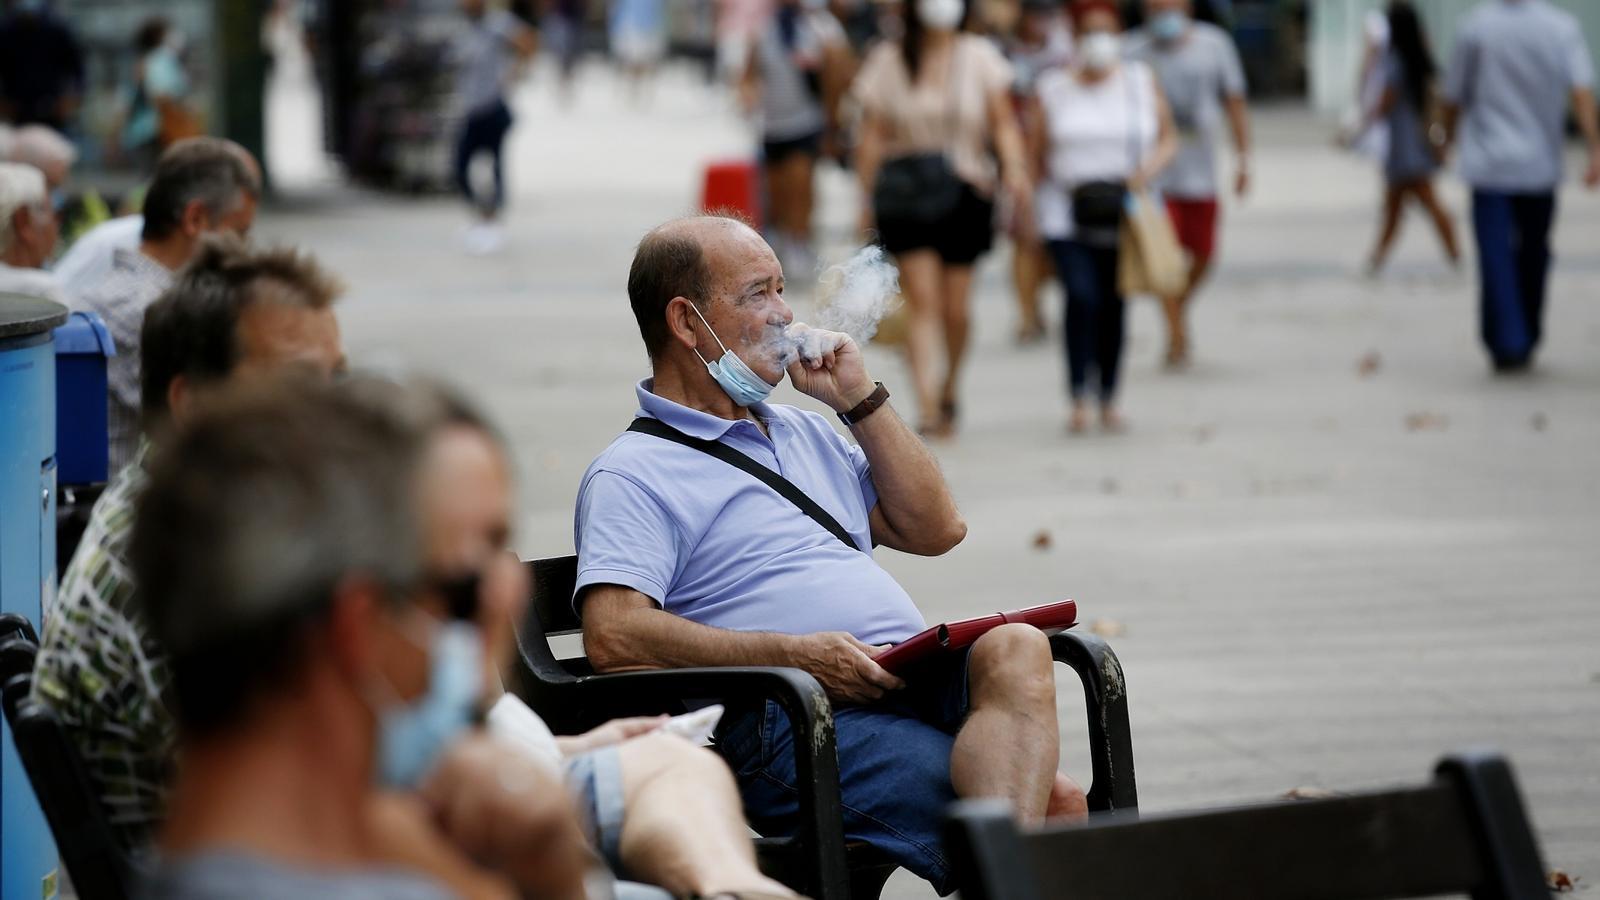 Un home fuma assegut en un banc al mig del carrer a Barcelona amb la mascareta desplaçada per sota el coll. Imatge del 18 d'agost del 2020, el dia que entra en vigor la prohibició de fumar al carrer si no es pot mantenir la distància de seguretat arran de la pandèmia del covid-19